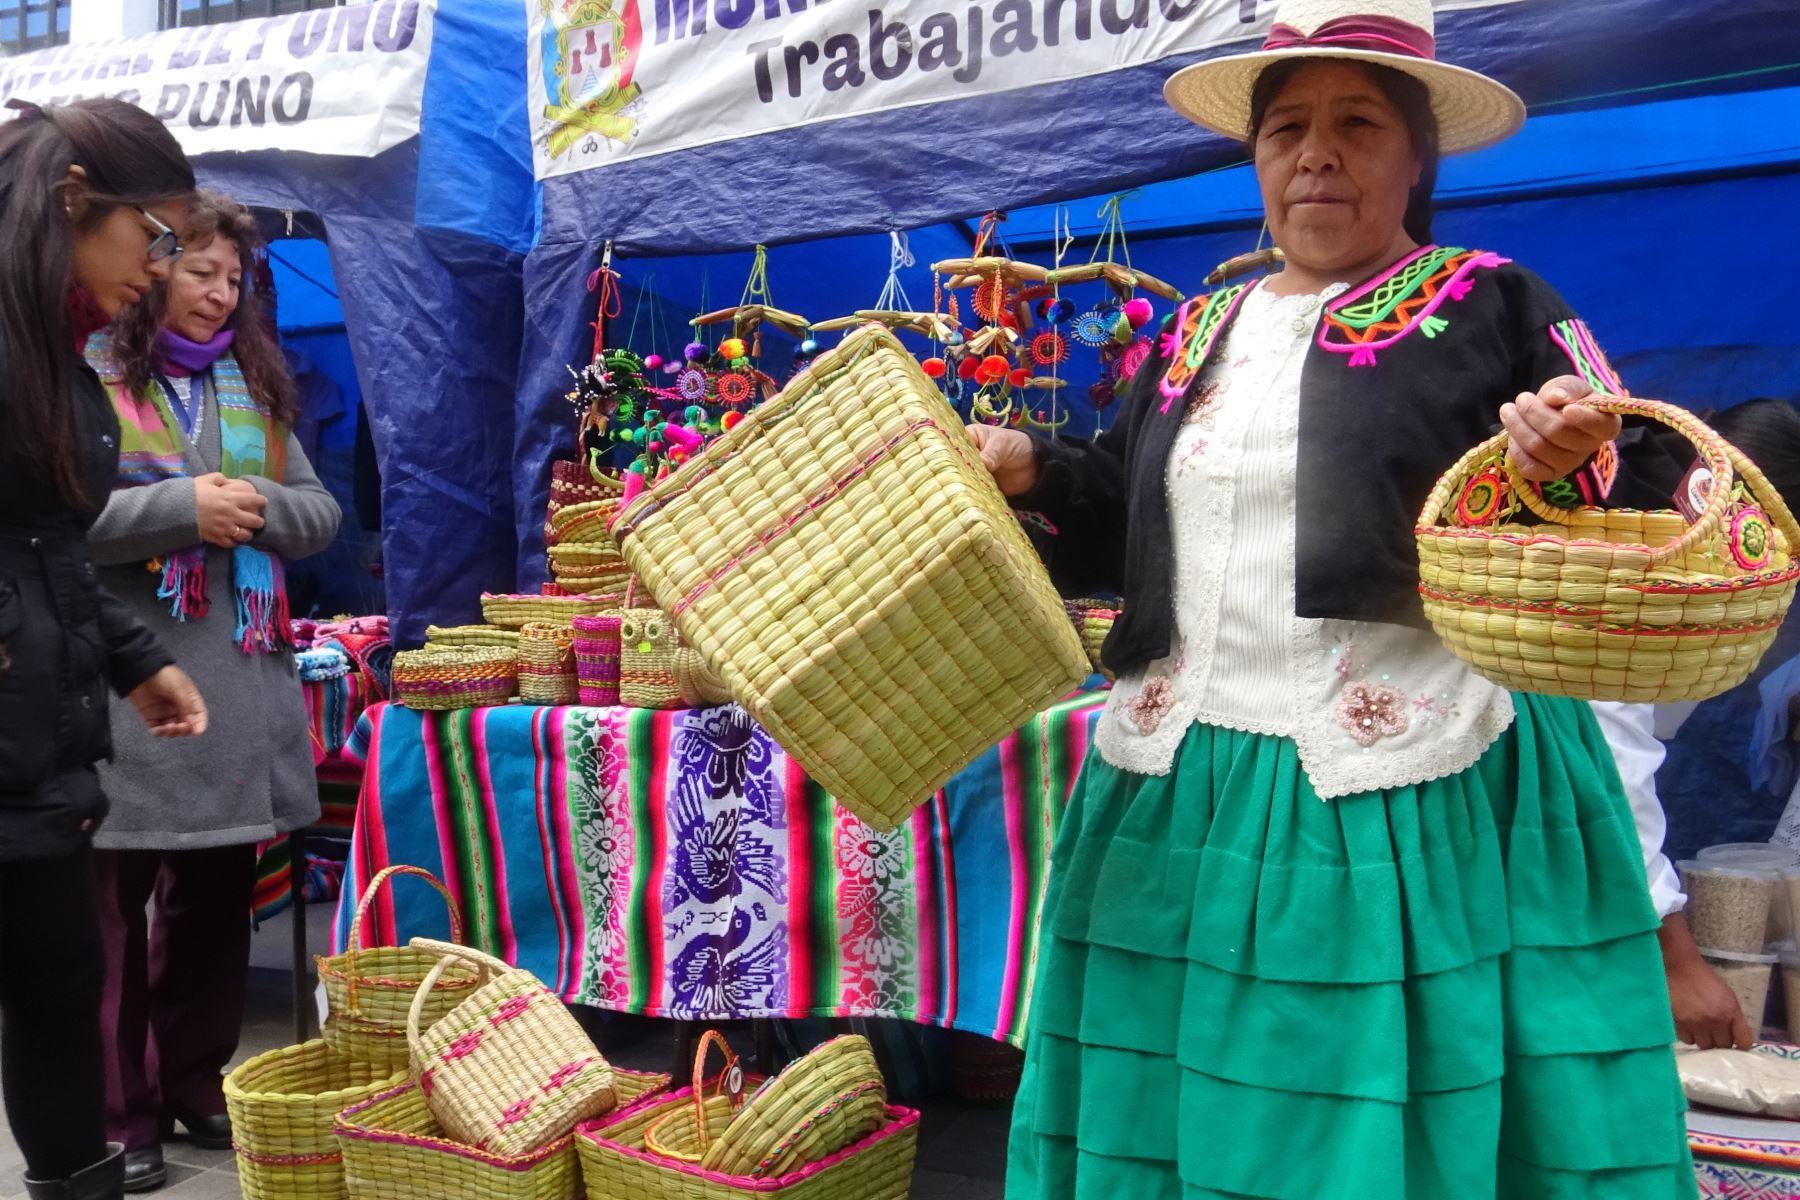 Artesanos de Puno elaboran canastas de totora para sustituir bolsas de plástico.Foto:  ANDINA